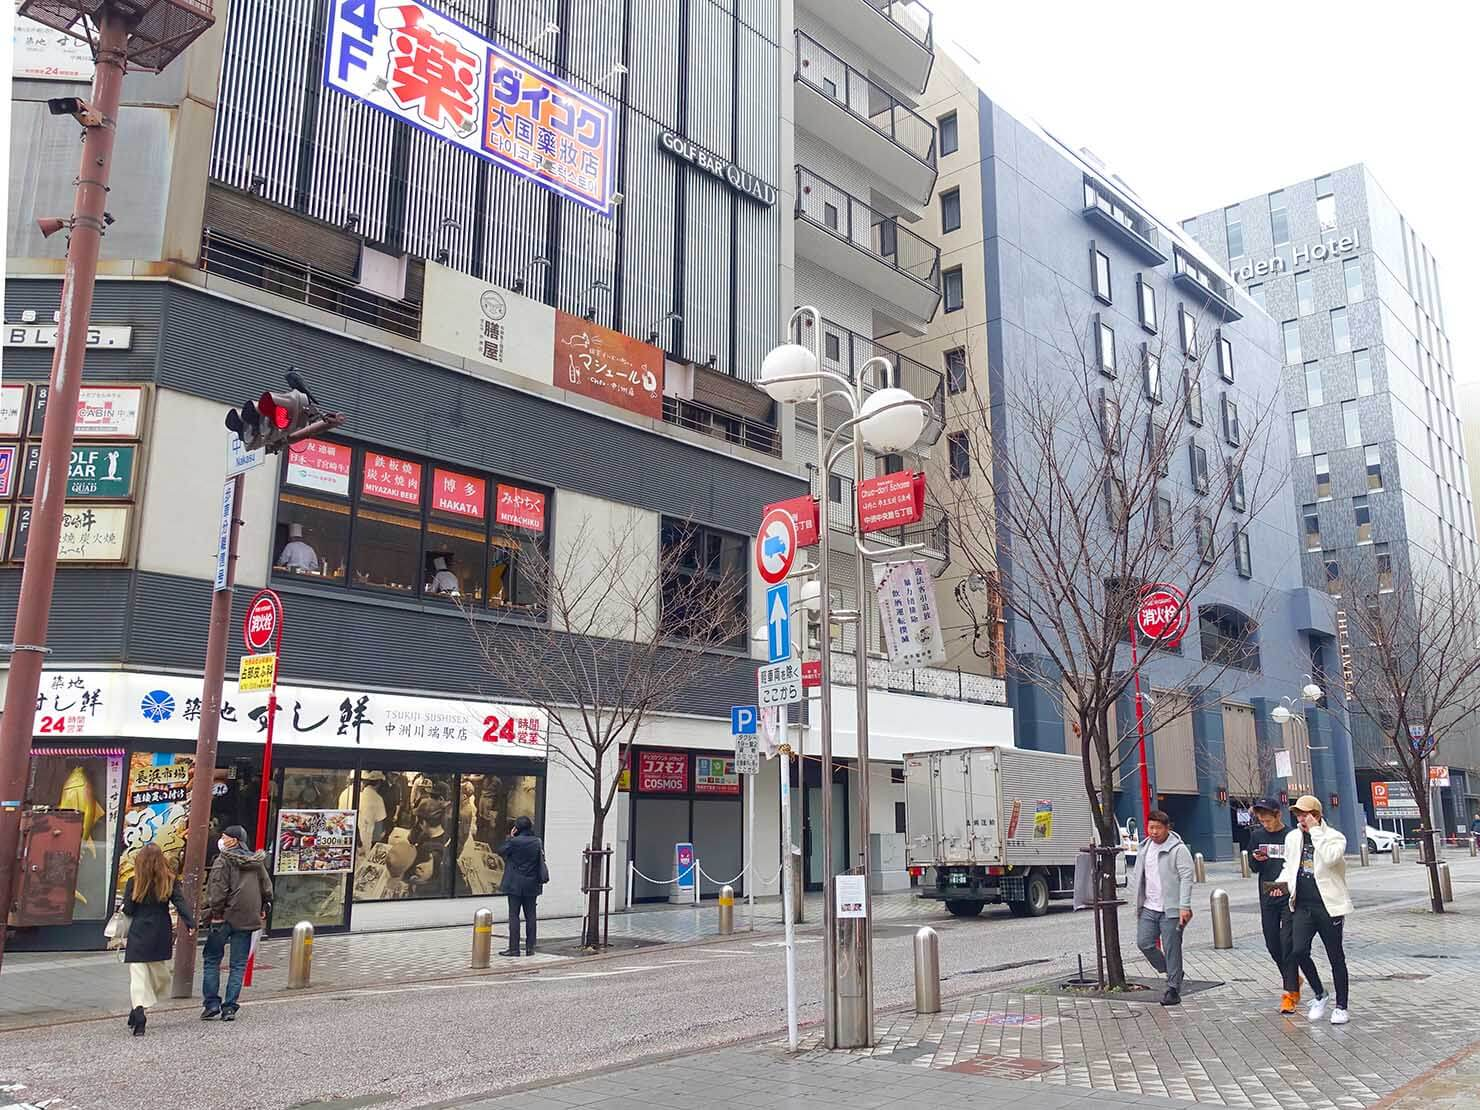 福岡市営地下鉄・中洲川端駅3番出口前の交差点